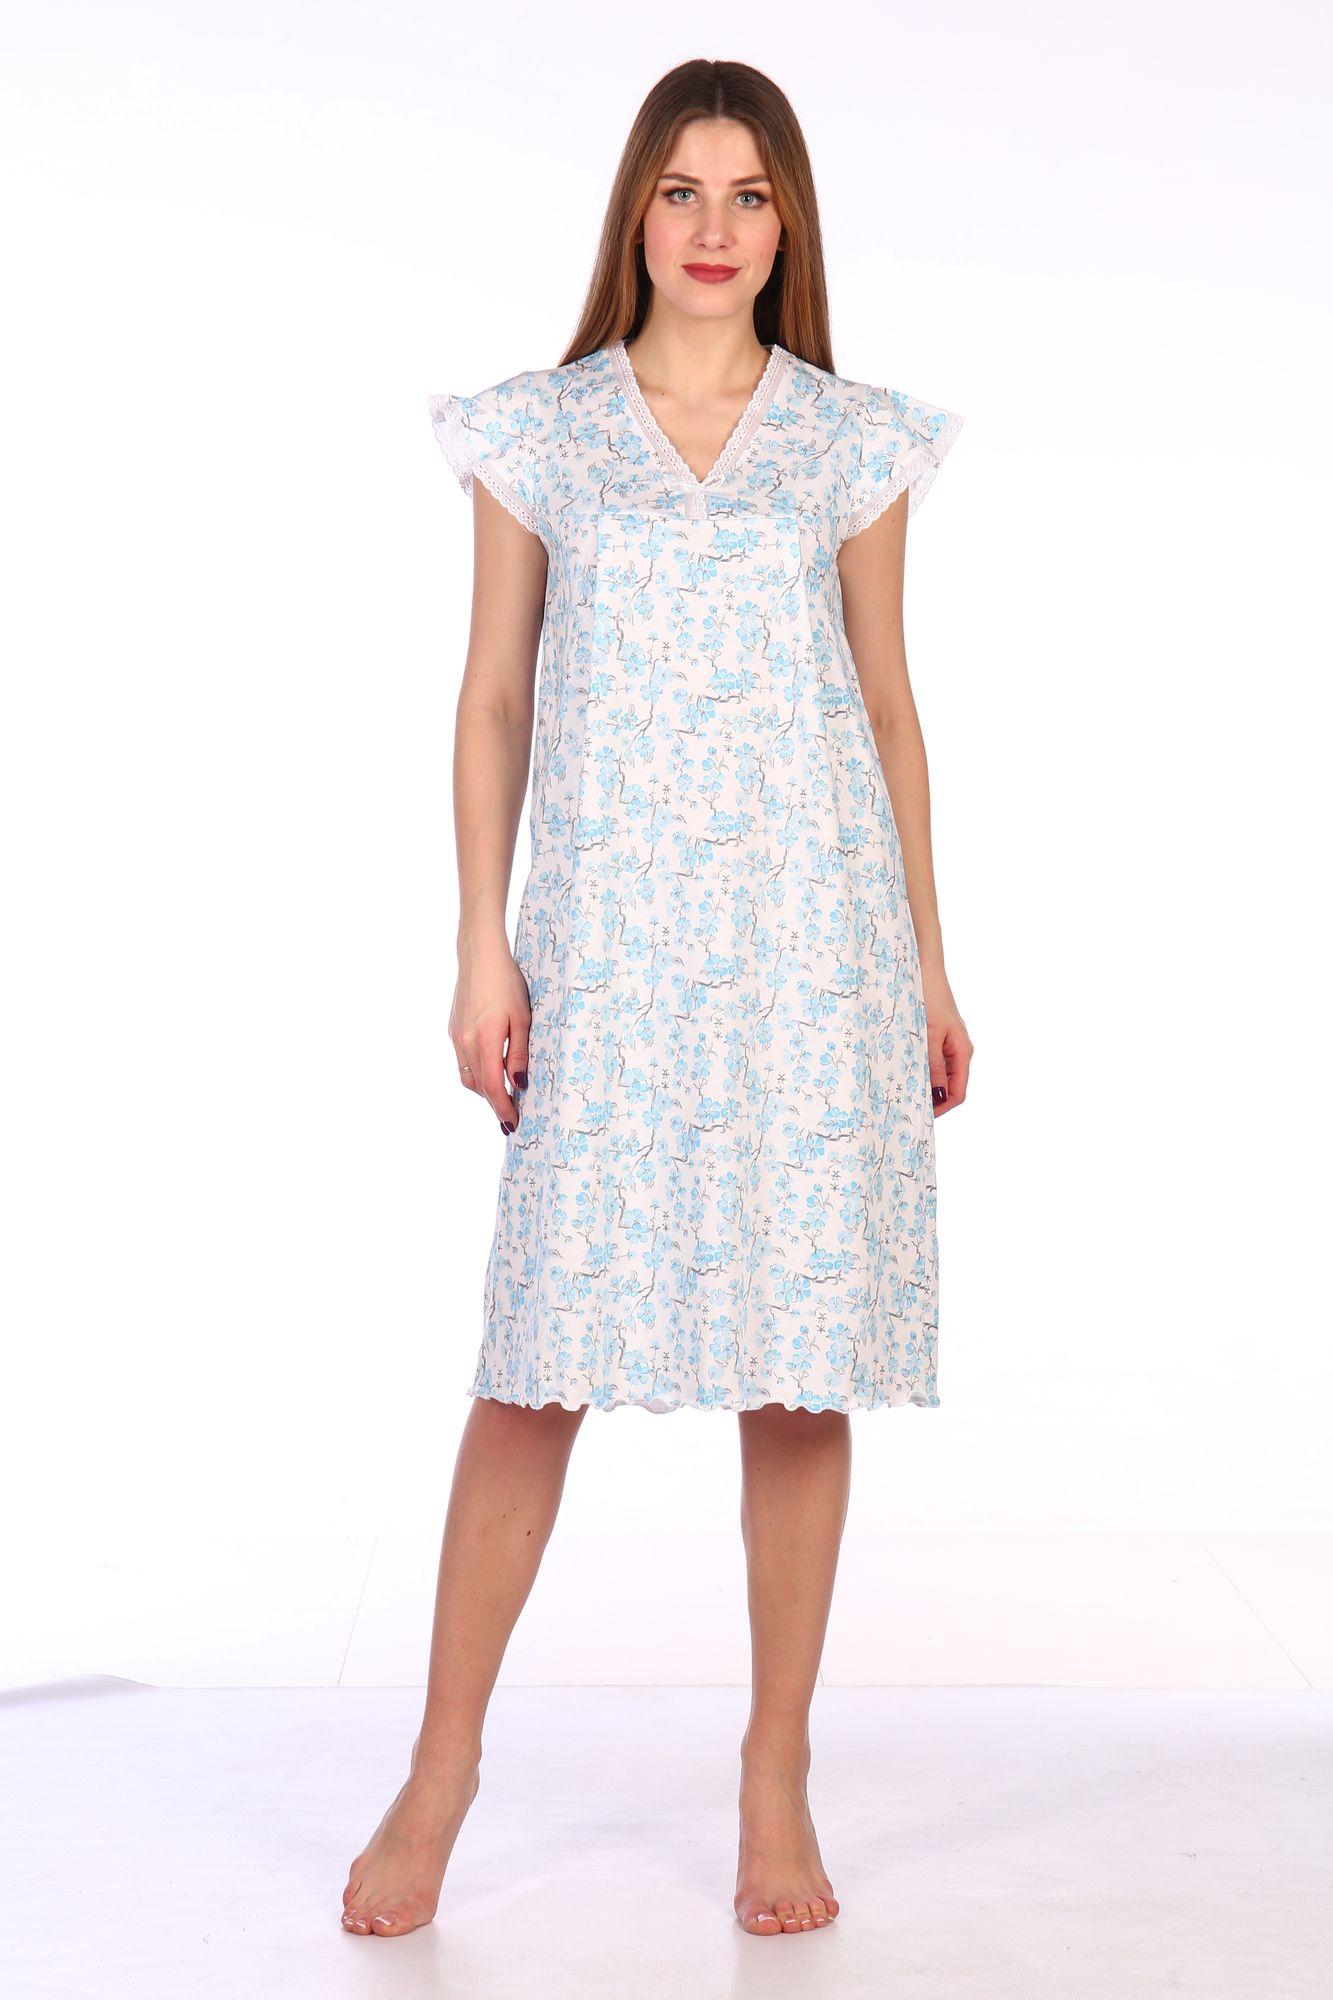 Сорочка ночная женская,мод. 427, трикотаж (Сакура (бирюзовый))